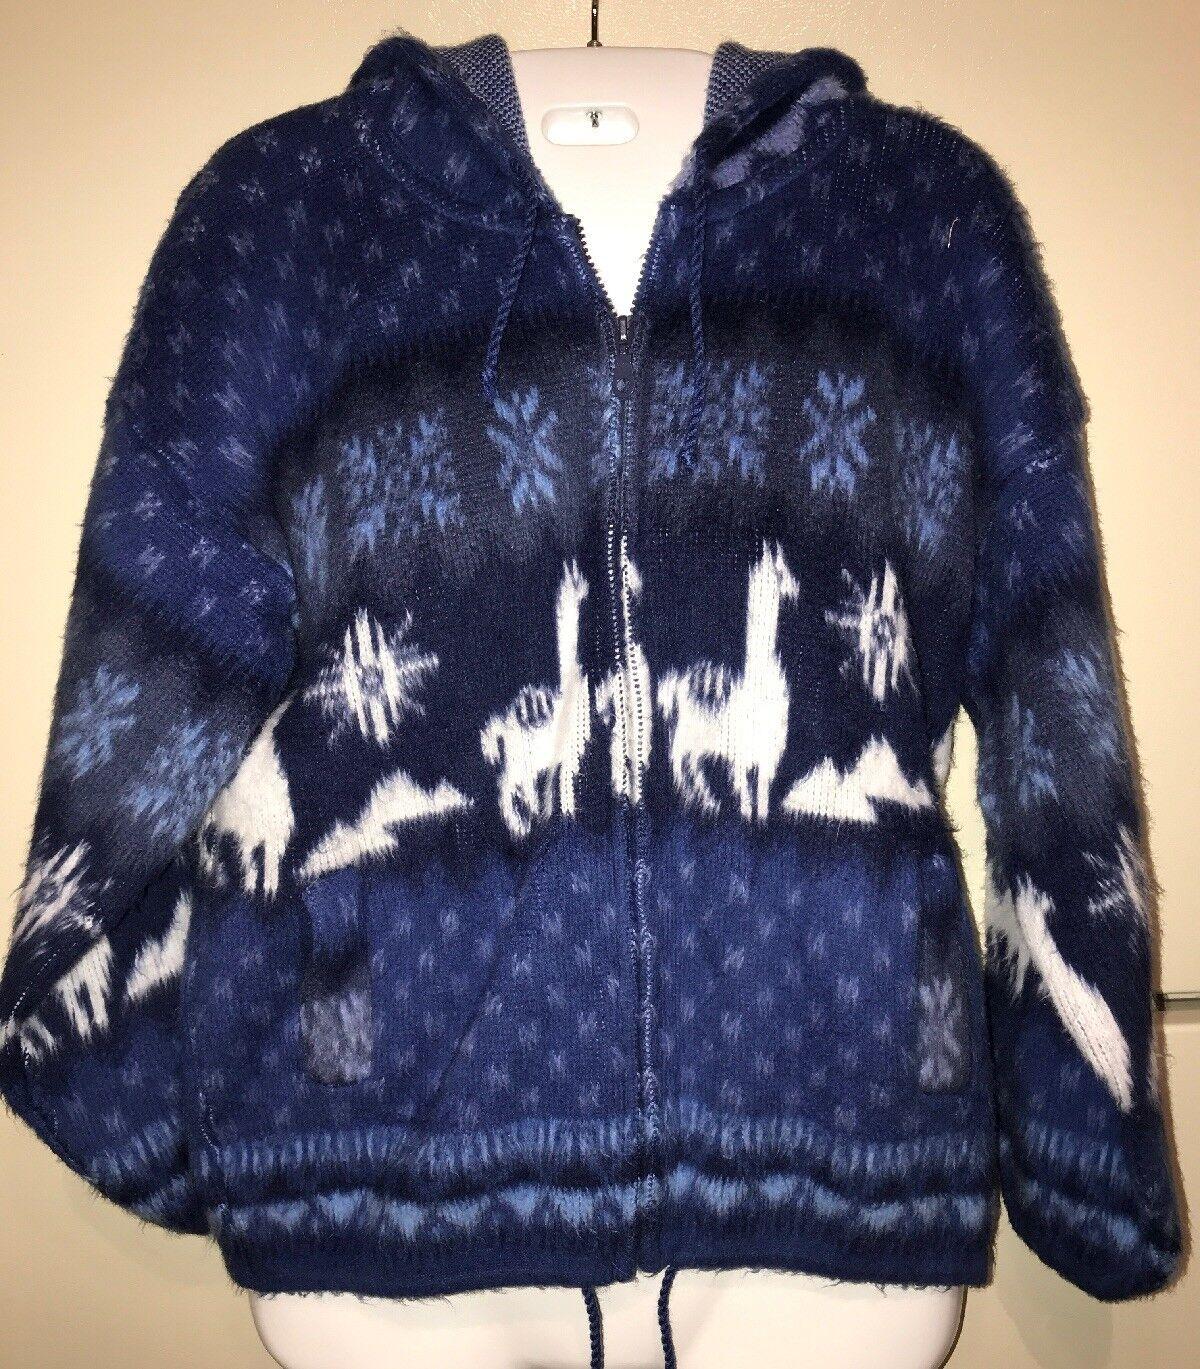 TEJIDOS ALY MARKA 100% Wool Full Zip Hoodie Alpacas NWOT unworn bluee White Small